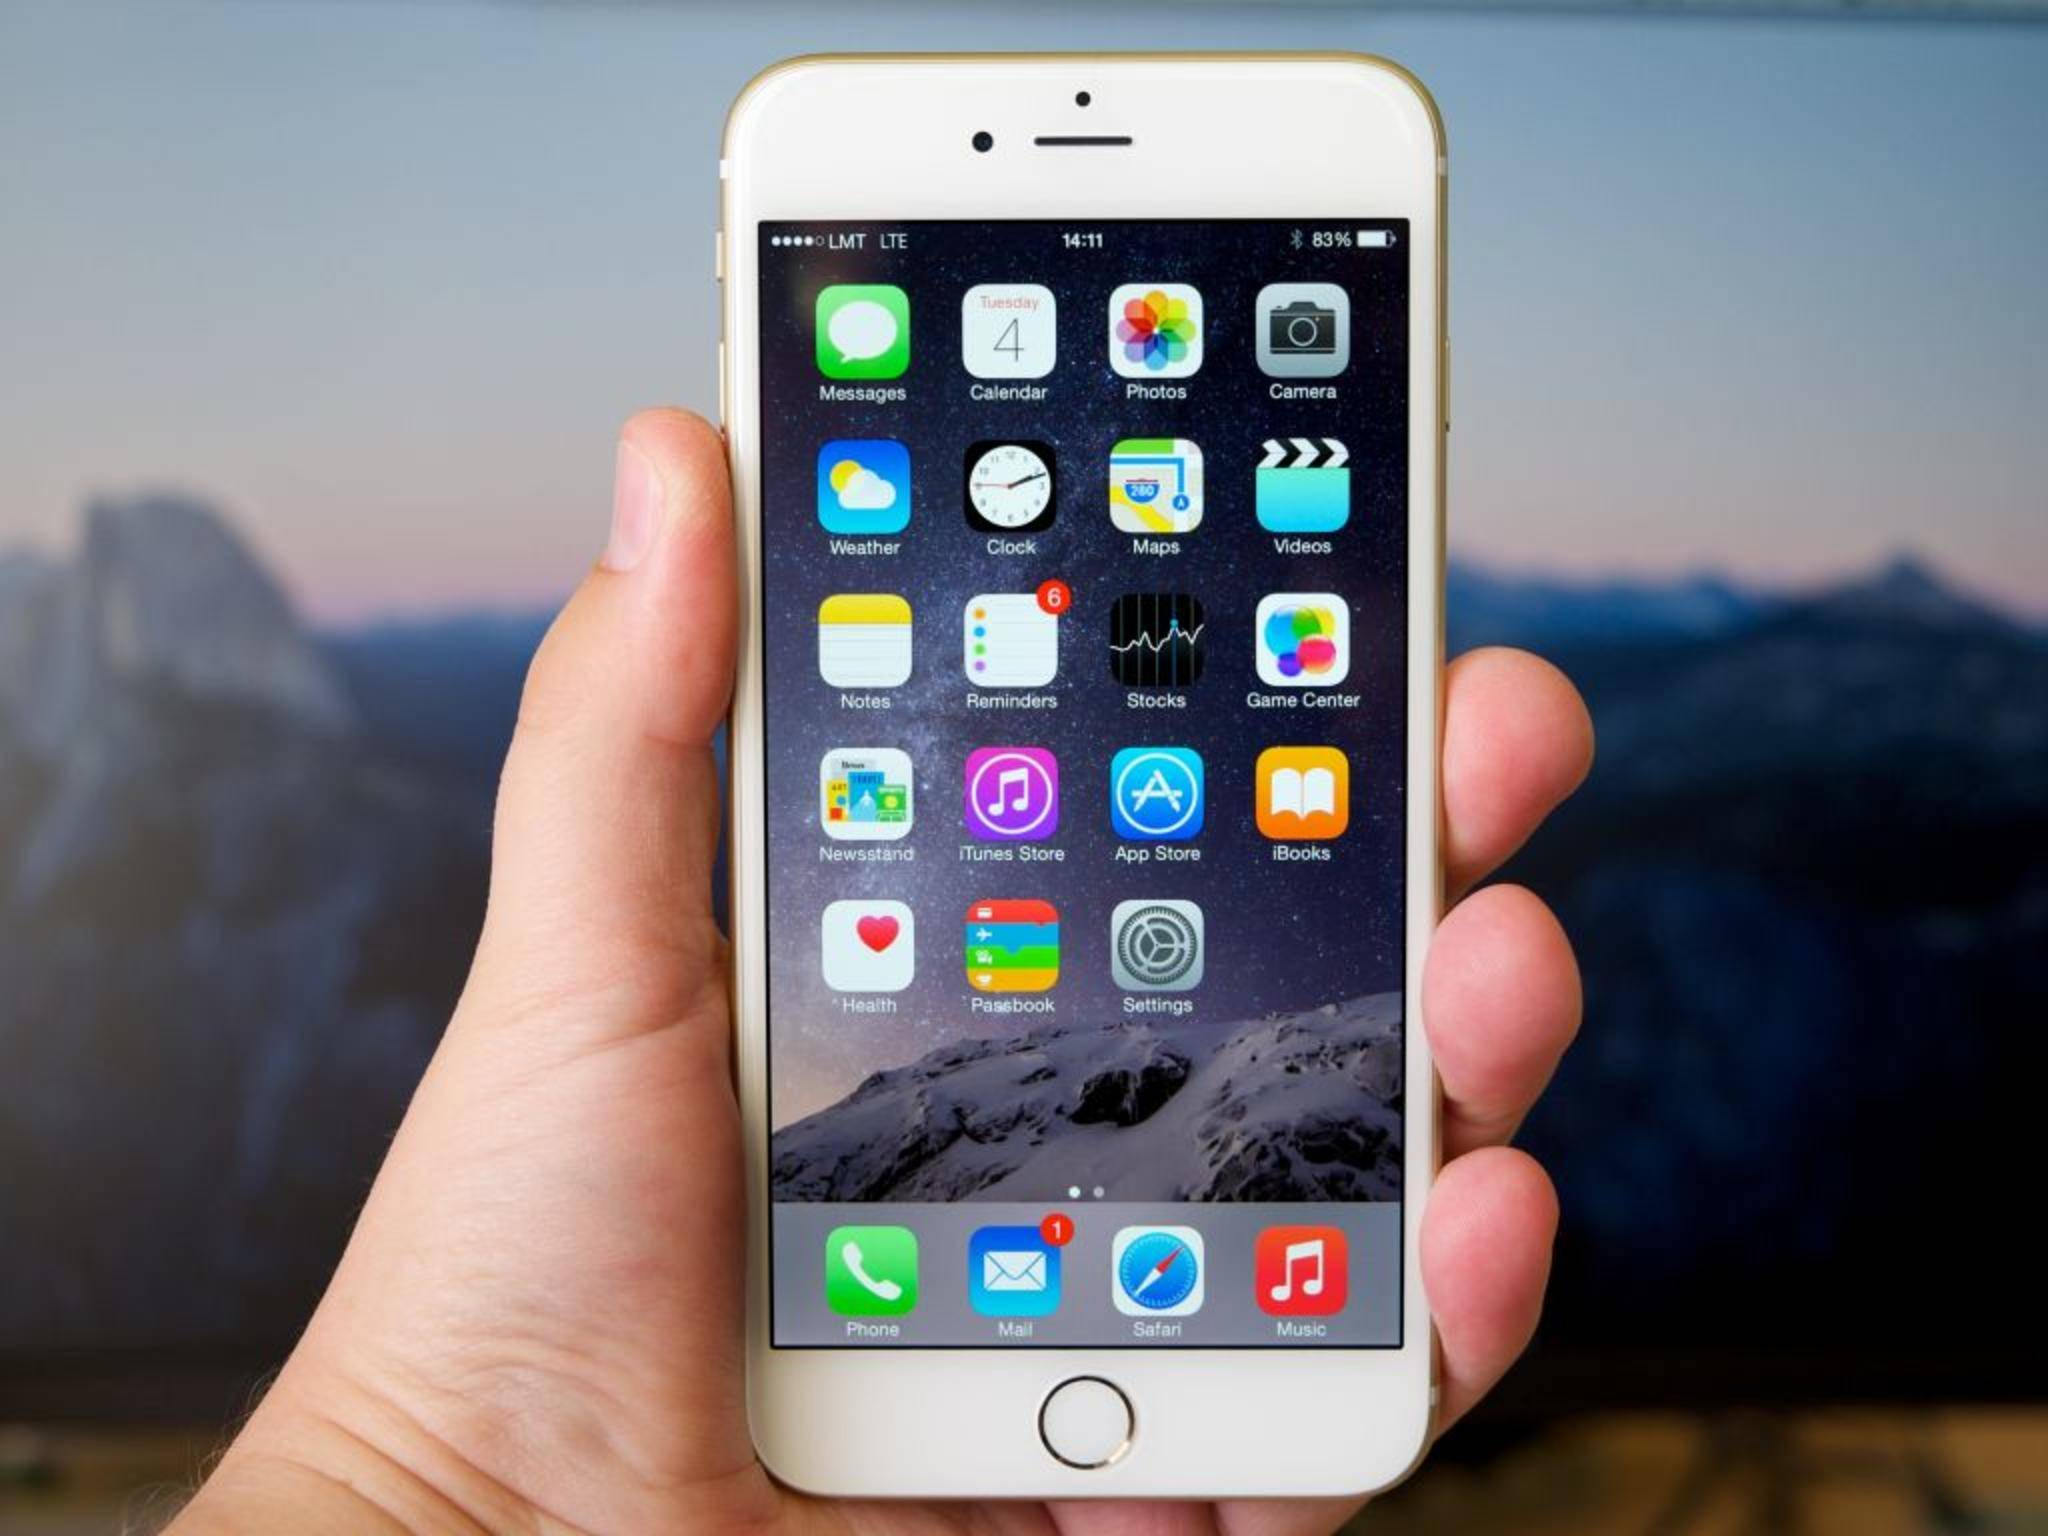 Seit iOS 4.3 unterstützt das iPhone die Bereitstellung eines WLAN-Hotspots.